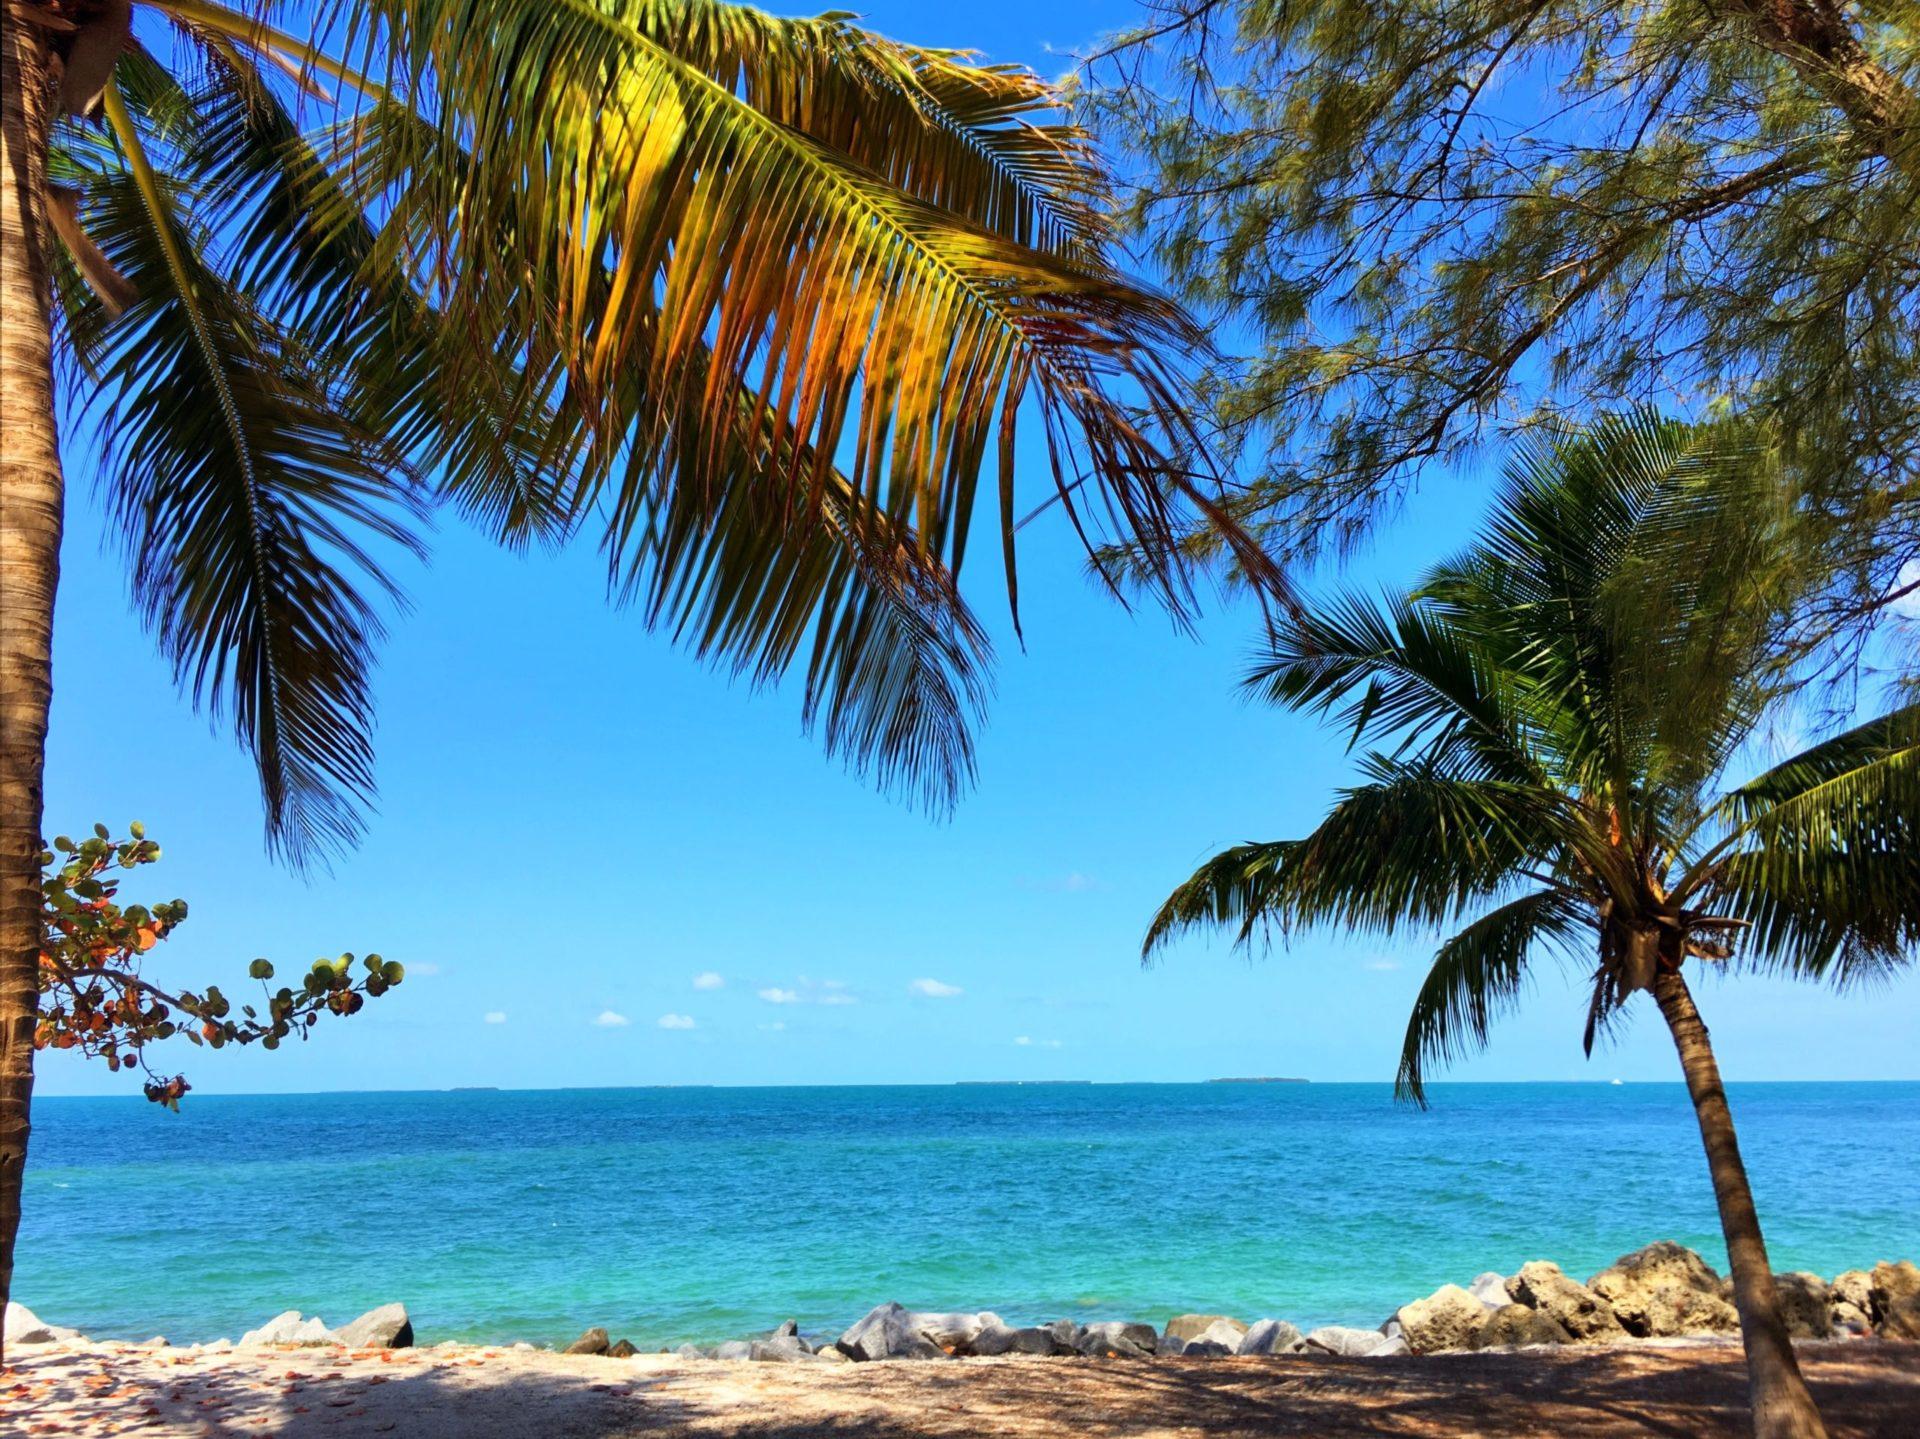 Wassertemperatur Florida: Palmenstrand und Meer auf der Insel Key West am südlichsten Punkt der Florida Keys